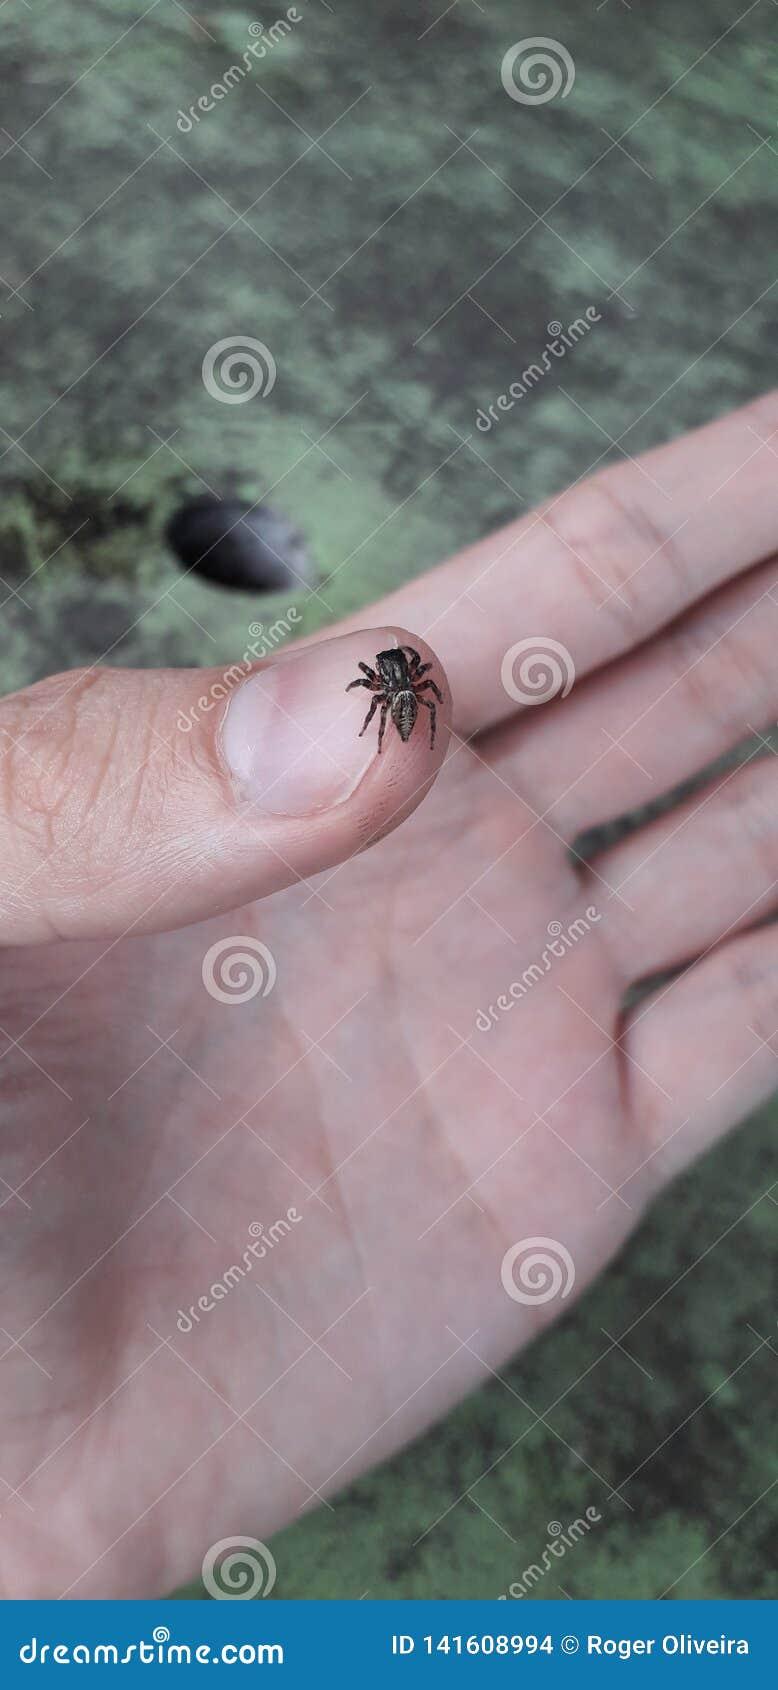 Araignée sur la main - gens du pays florest sur Itamatamirim, intérieur de pernambuco, Brésil